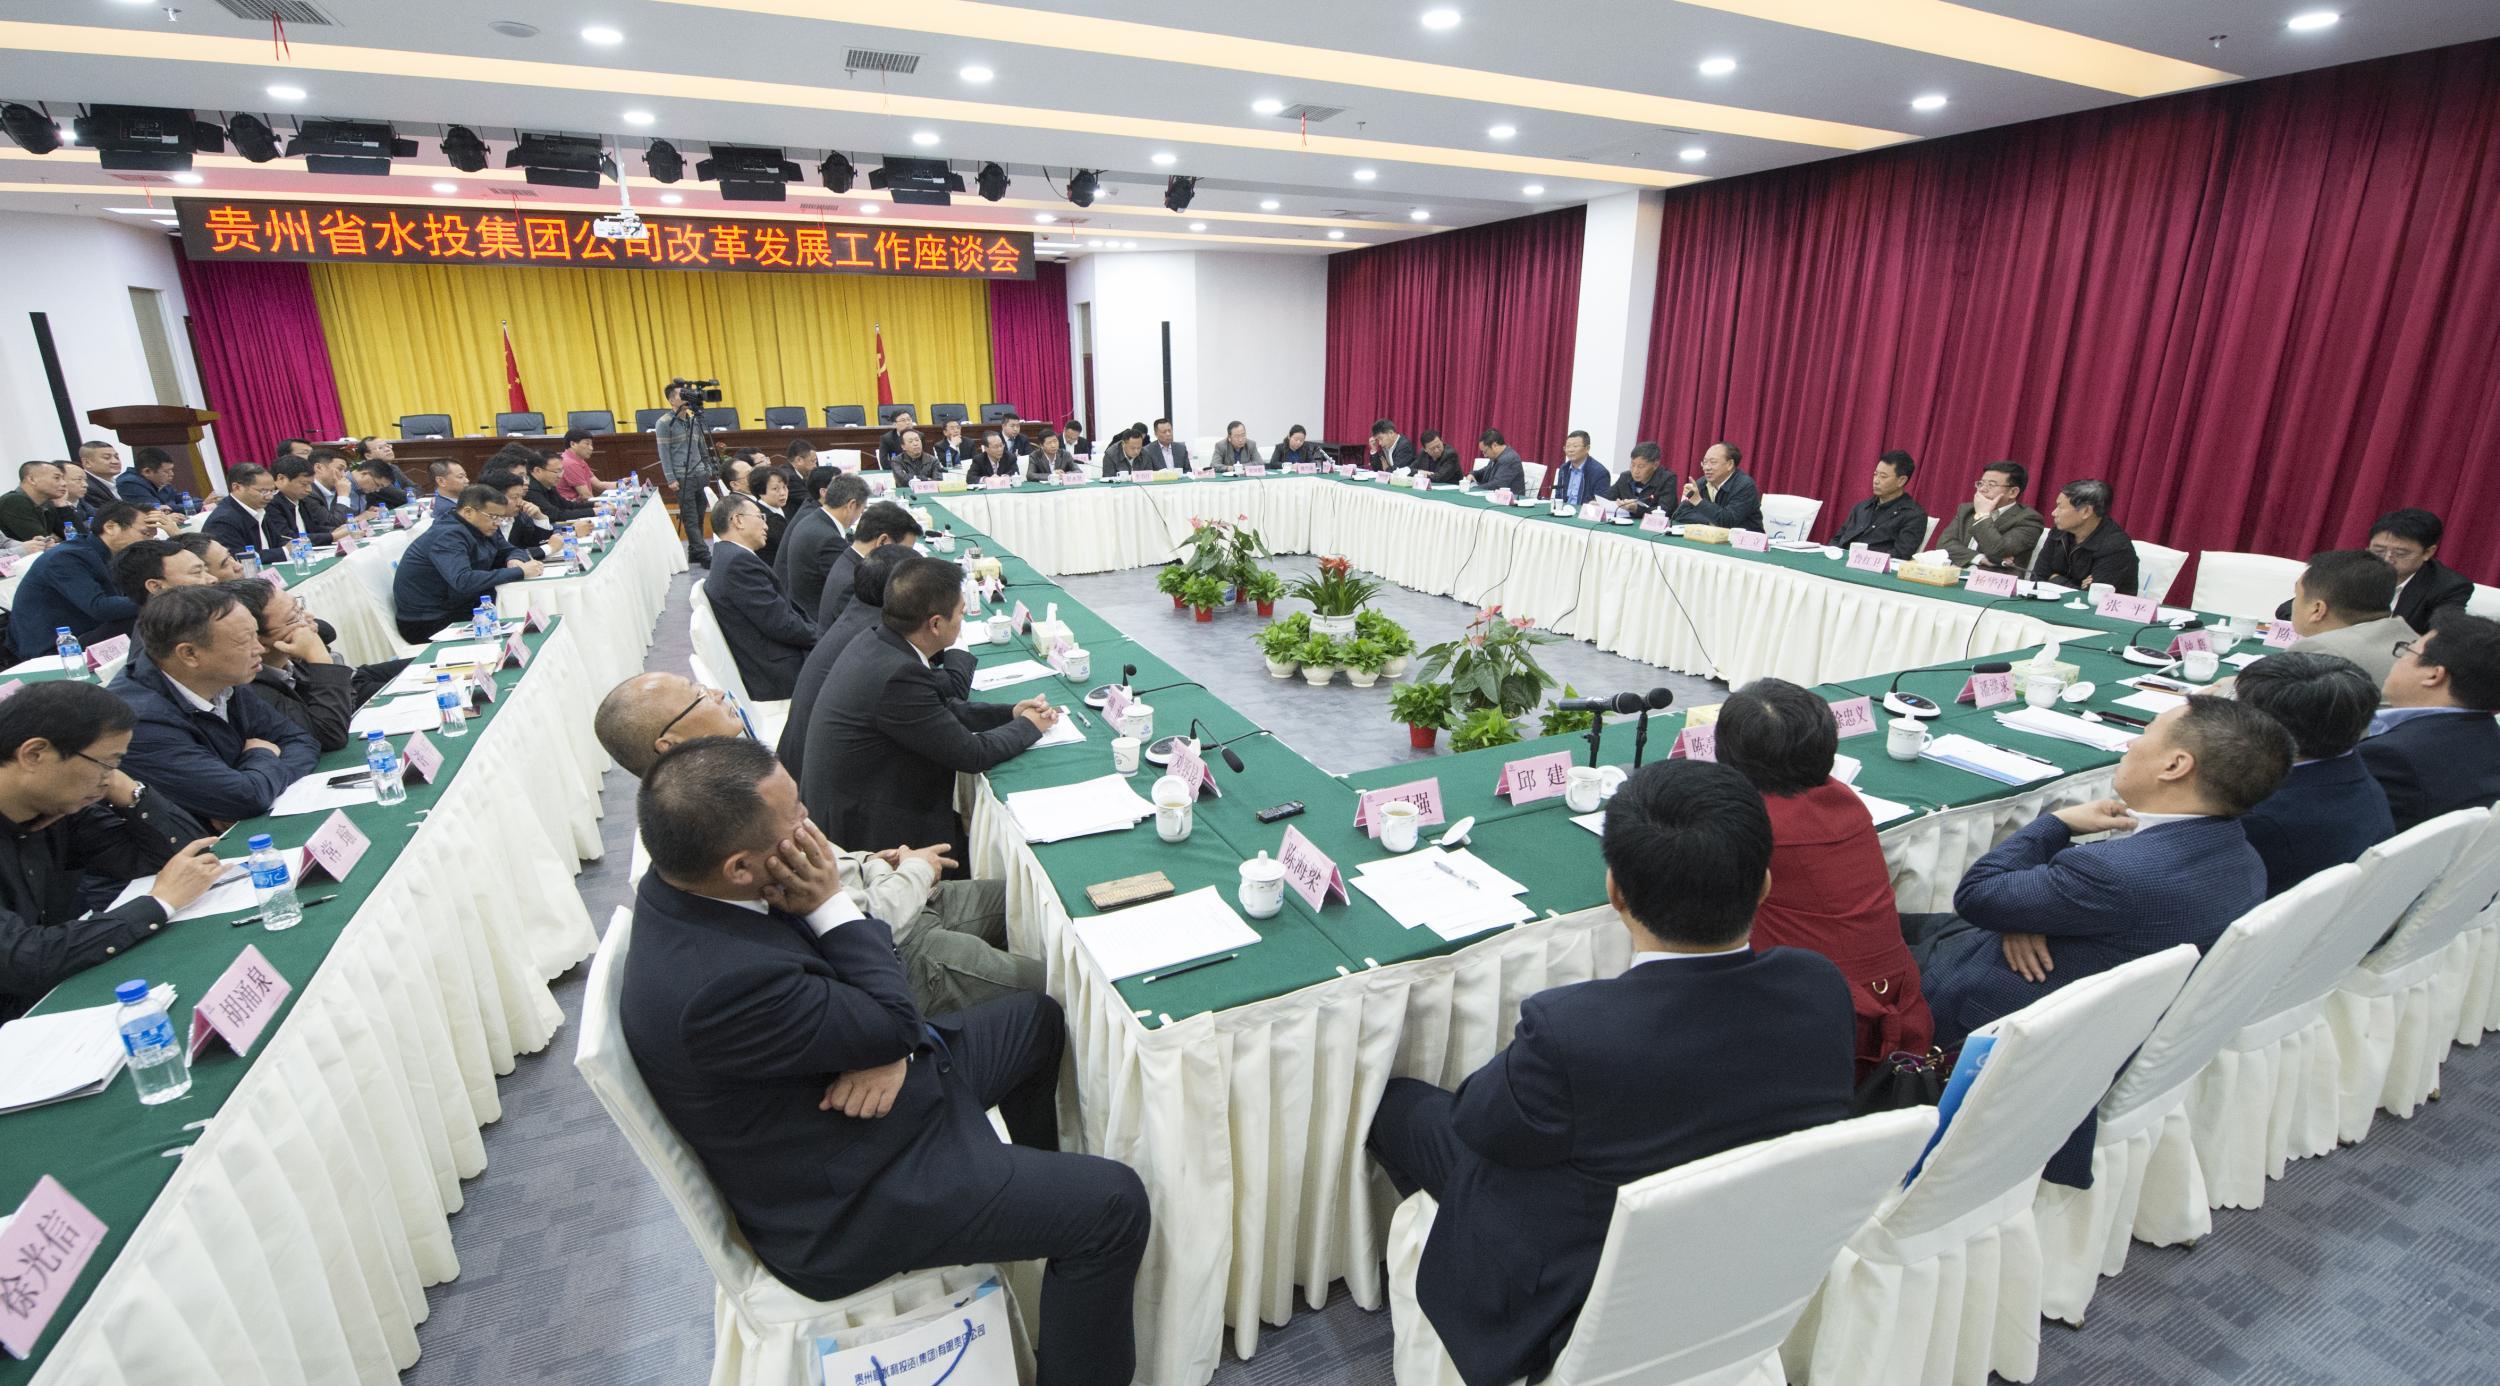 贵州水投集团公司召开改革发展工作座谈会